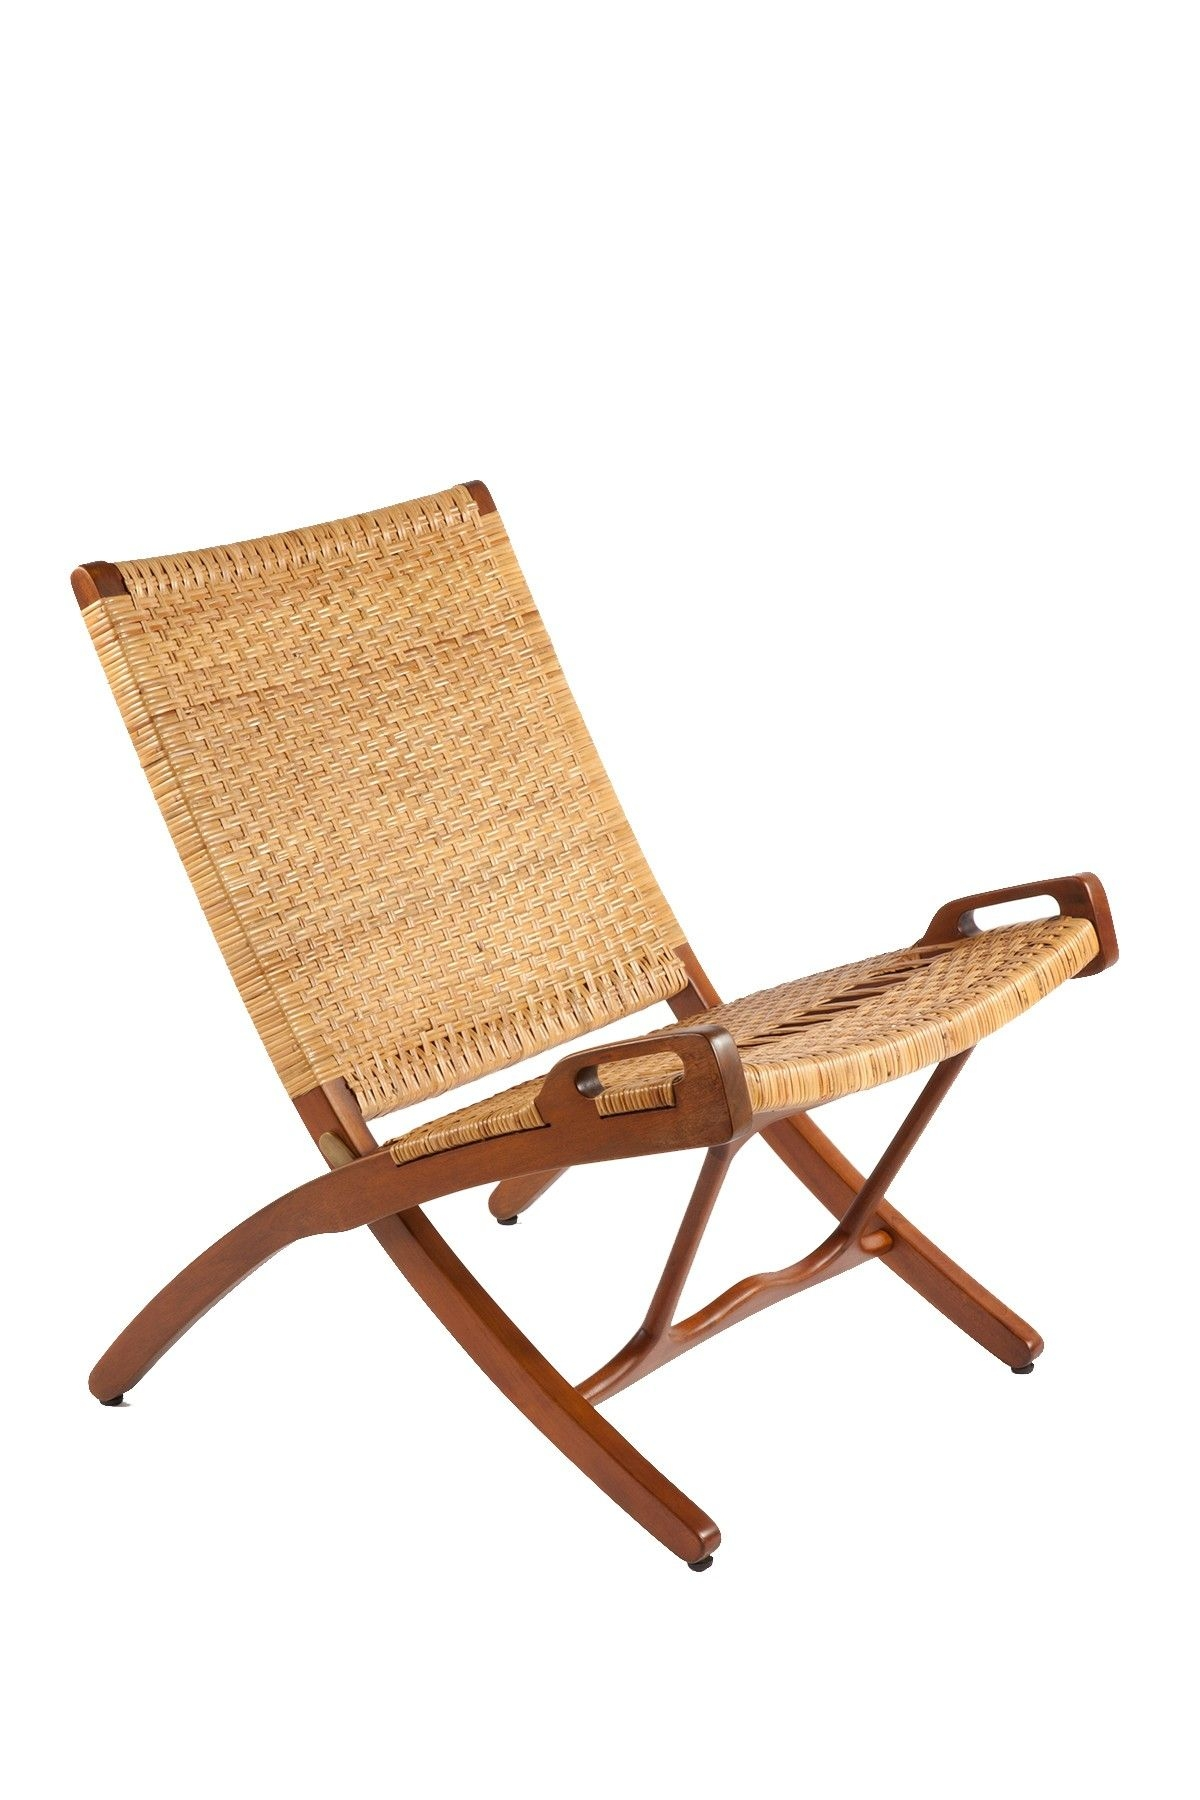 Bon Wicker Folding Chairs   Ideas On Foter